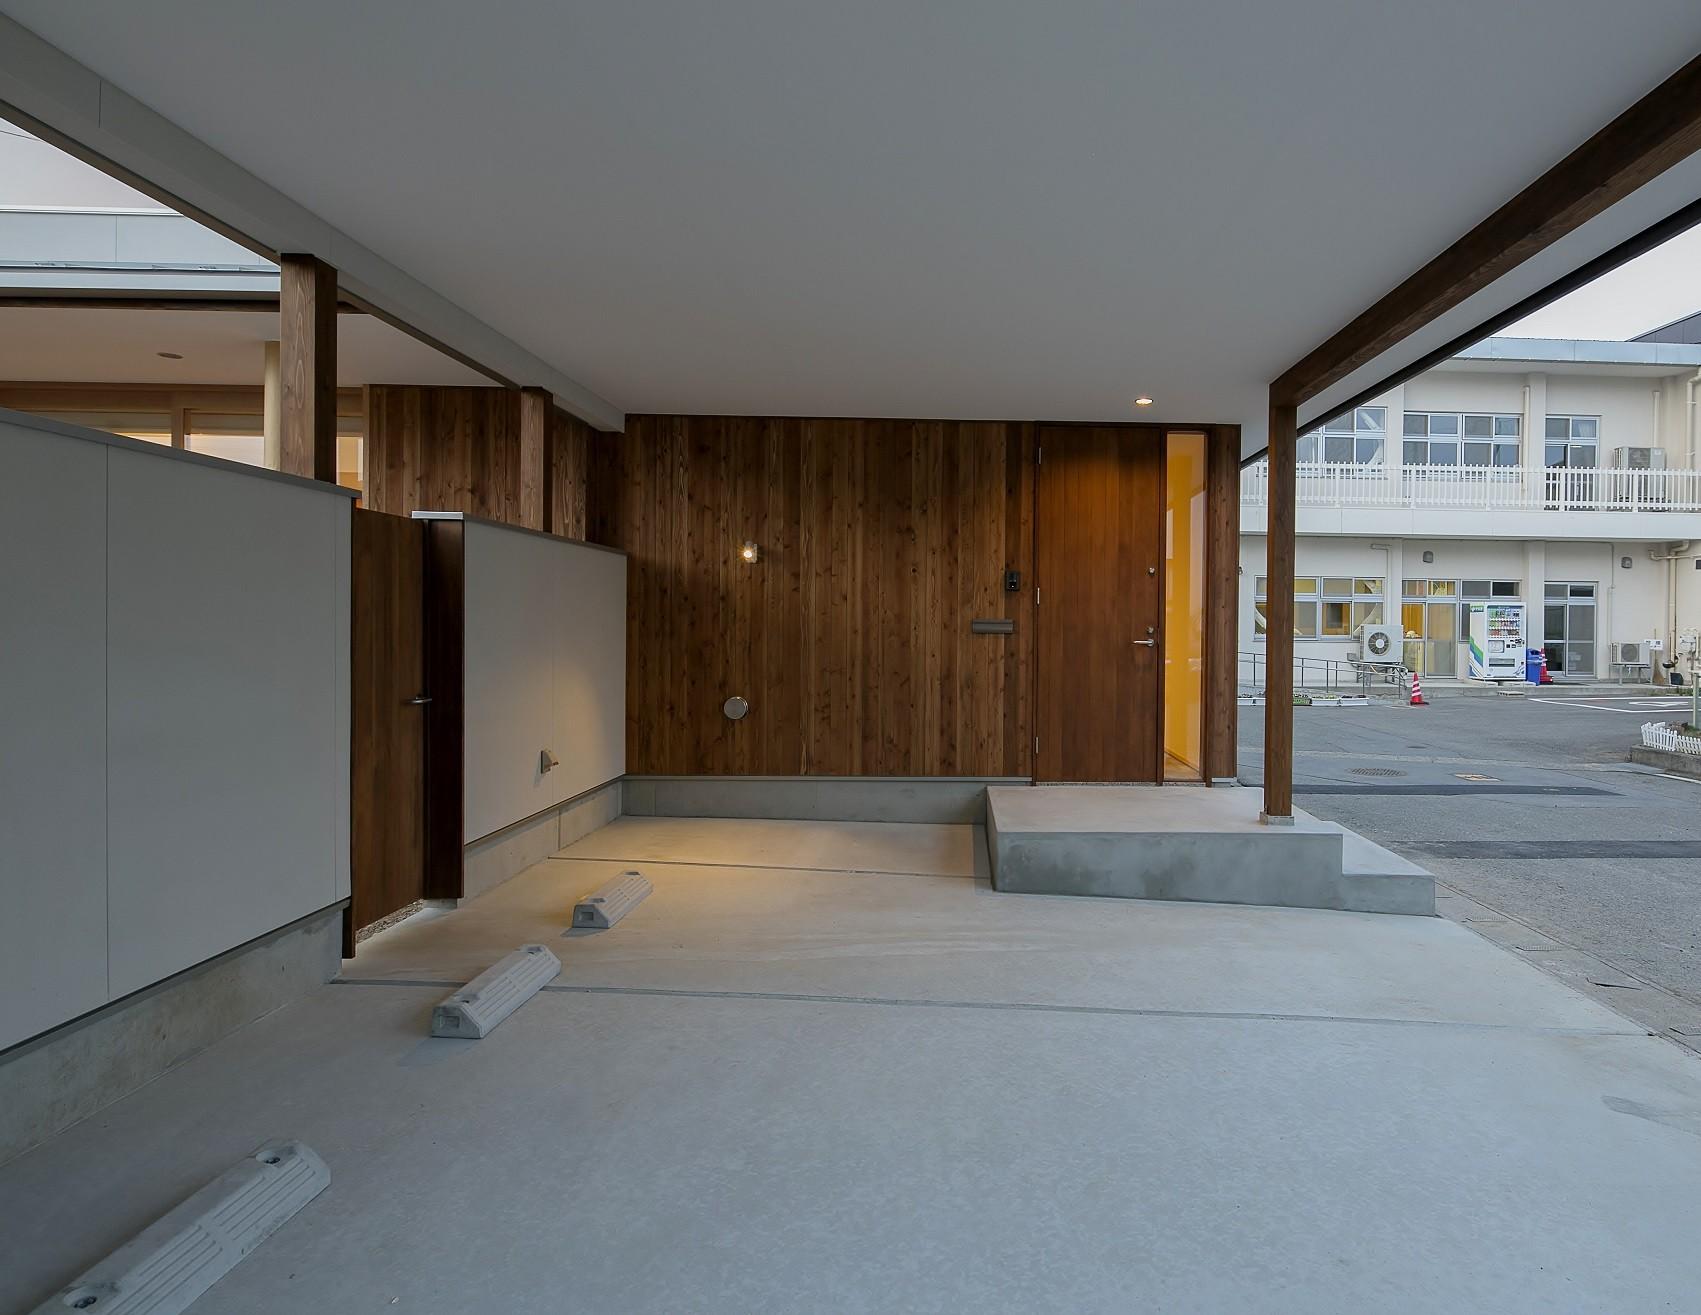 外観事例:玄関と駐車スペース(『須坂屋部町の家』思いっきり遊べる庭がある家)